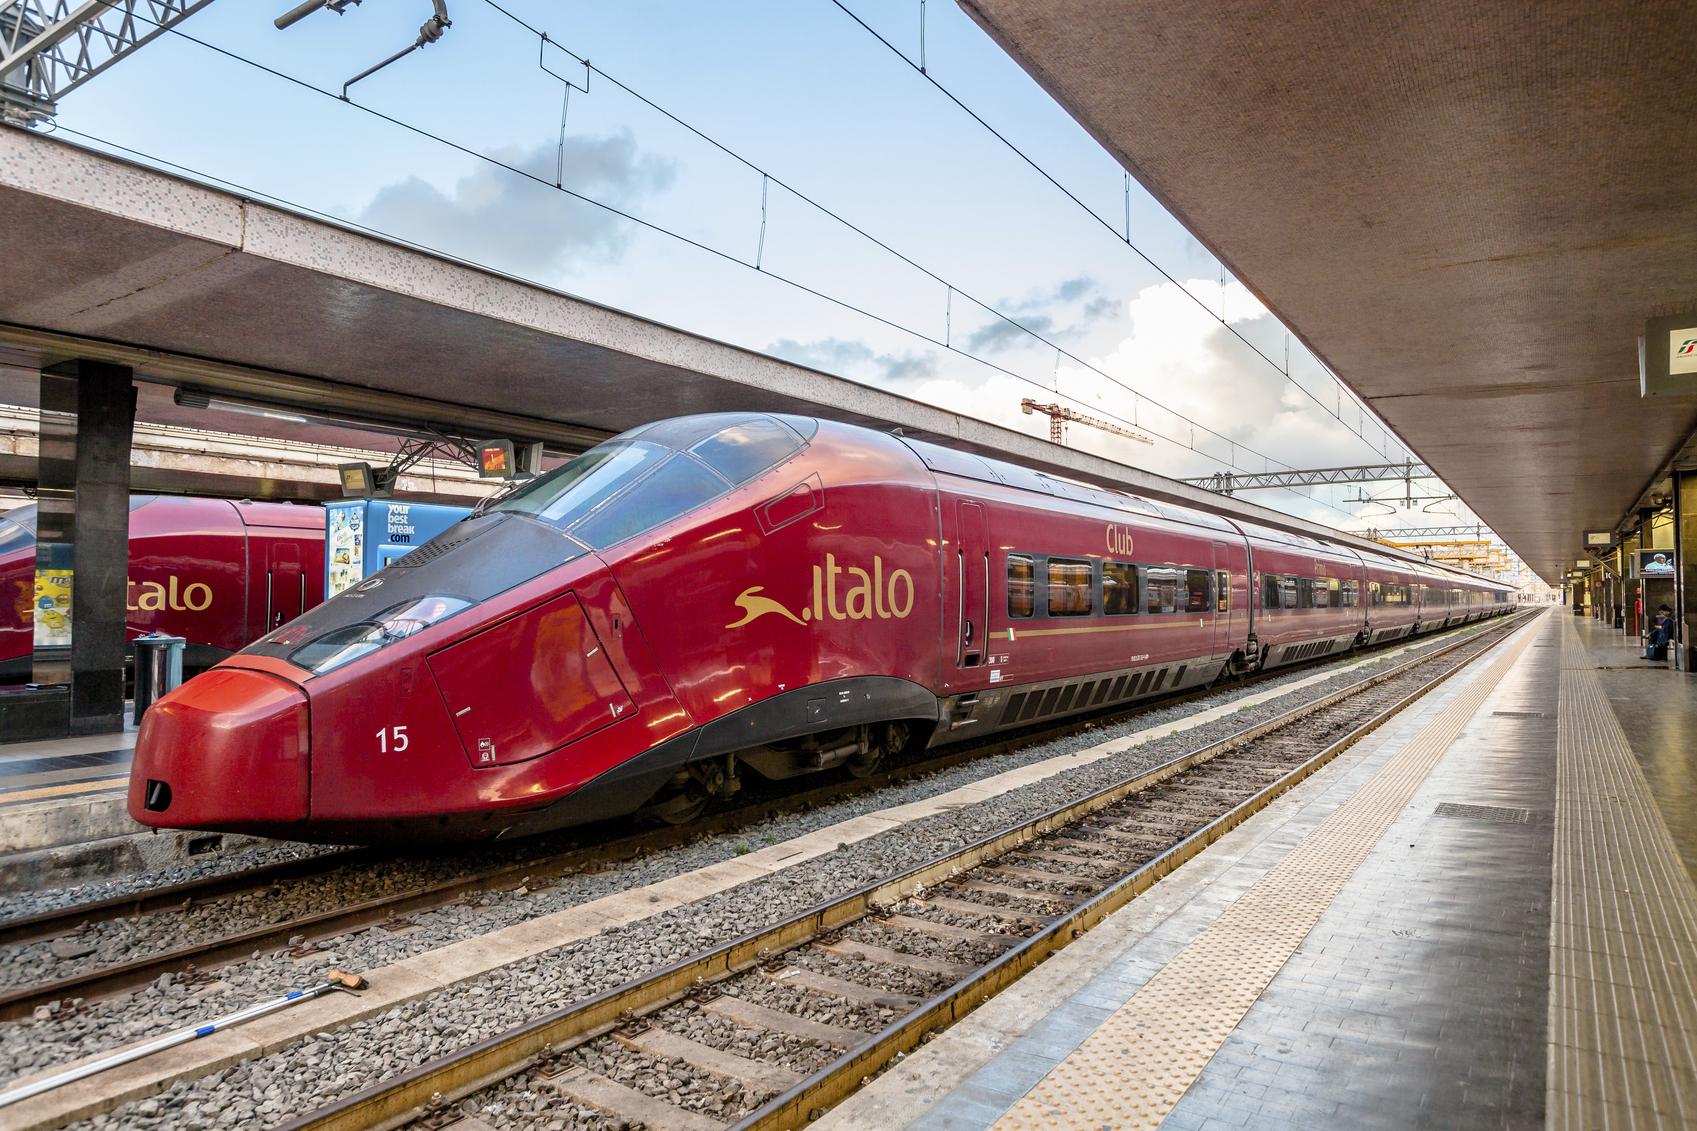 Quanto consuma un treno ad alta velocit italoblog - Pullman torino porta nuova caselle orari ...